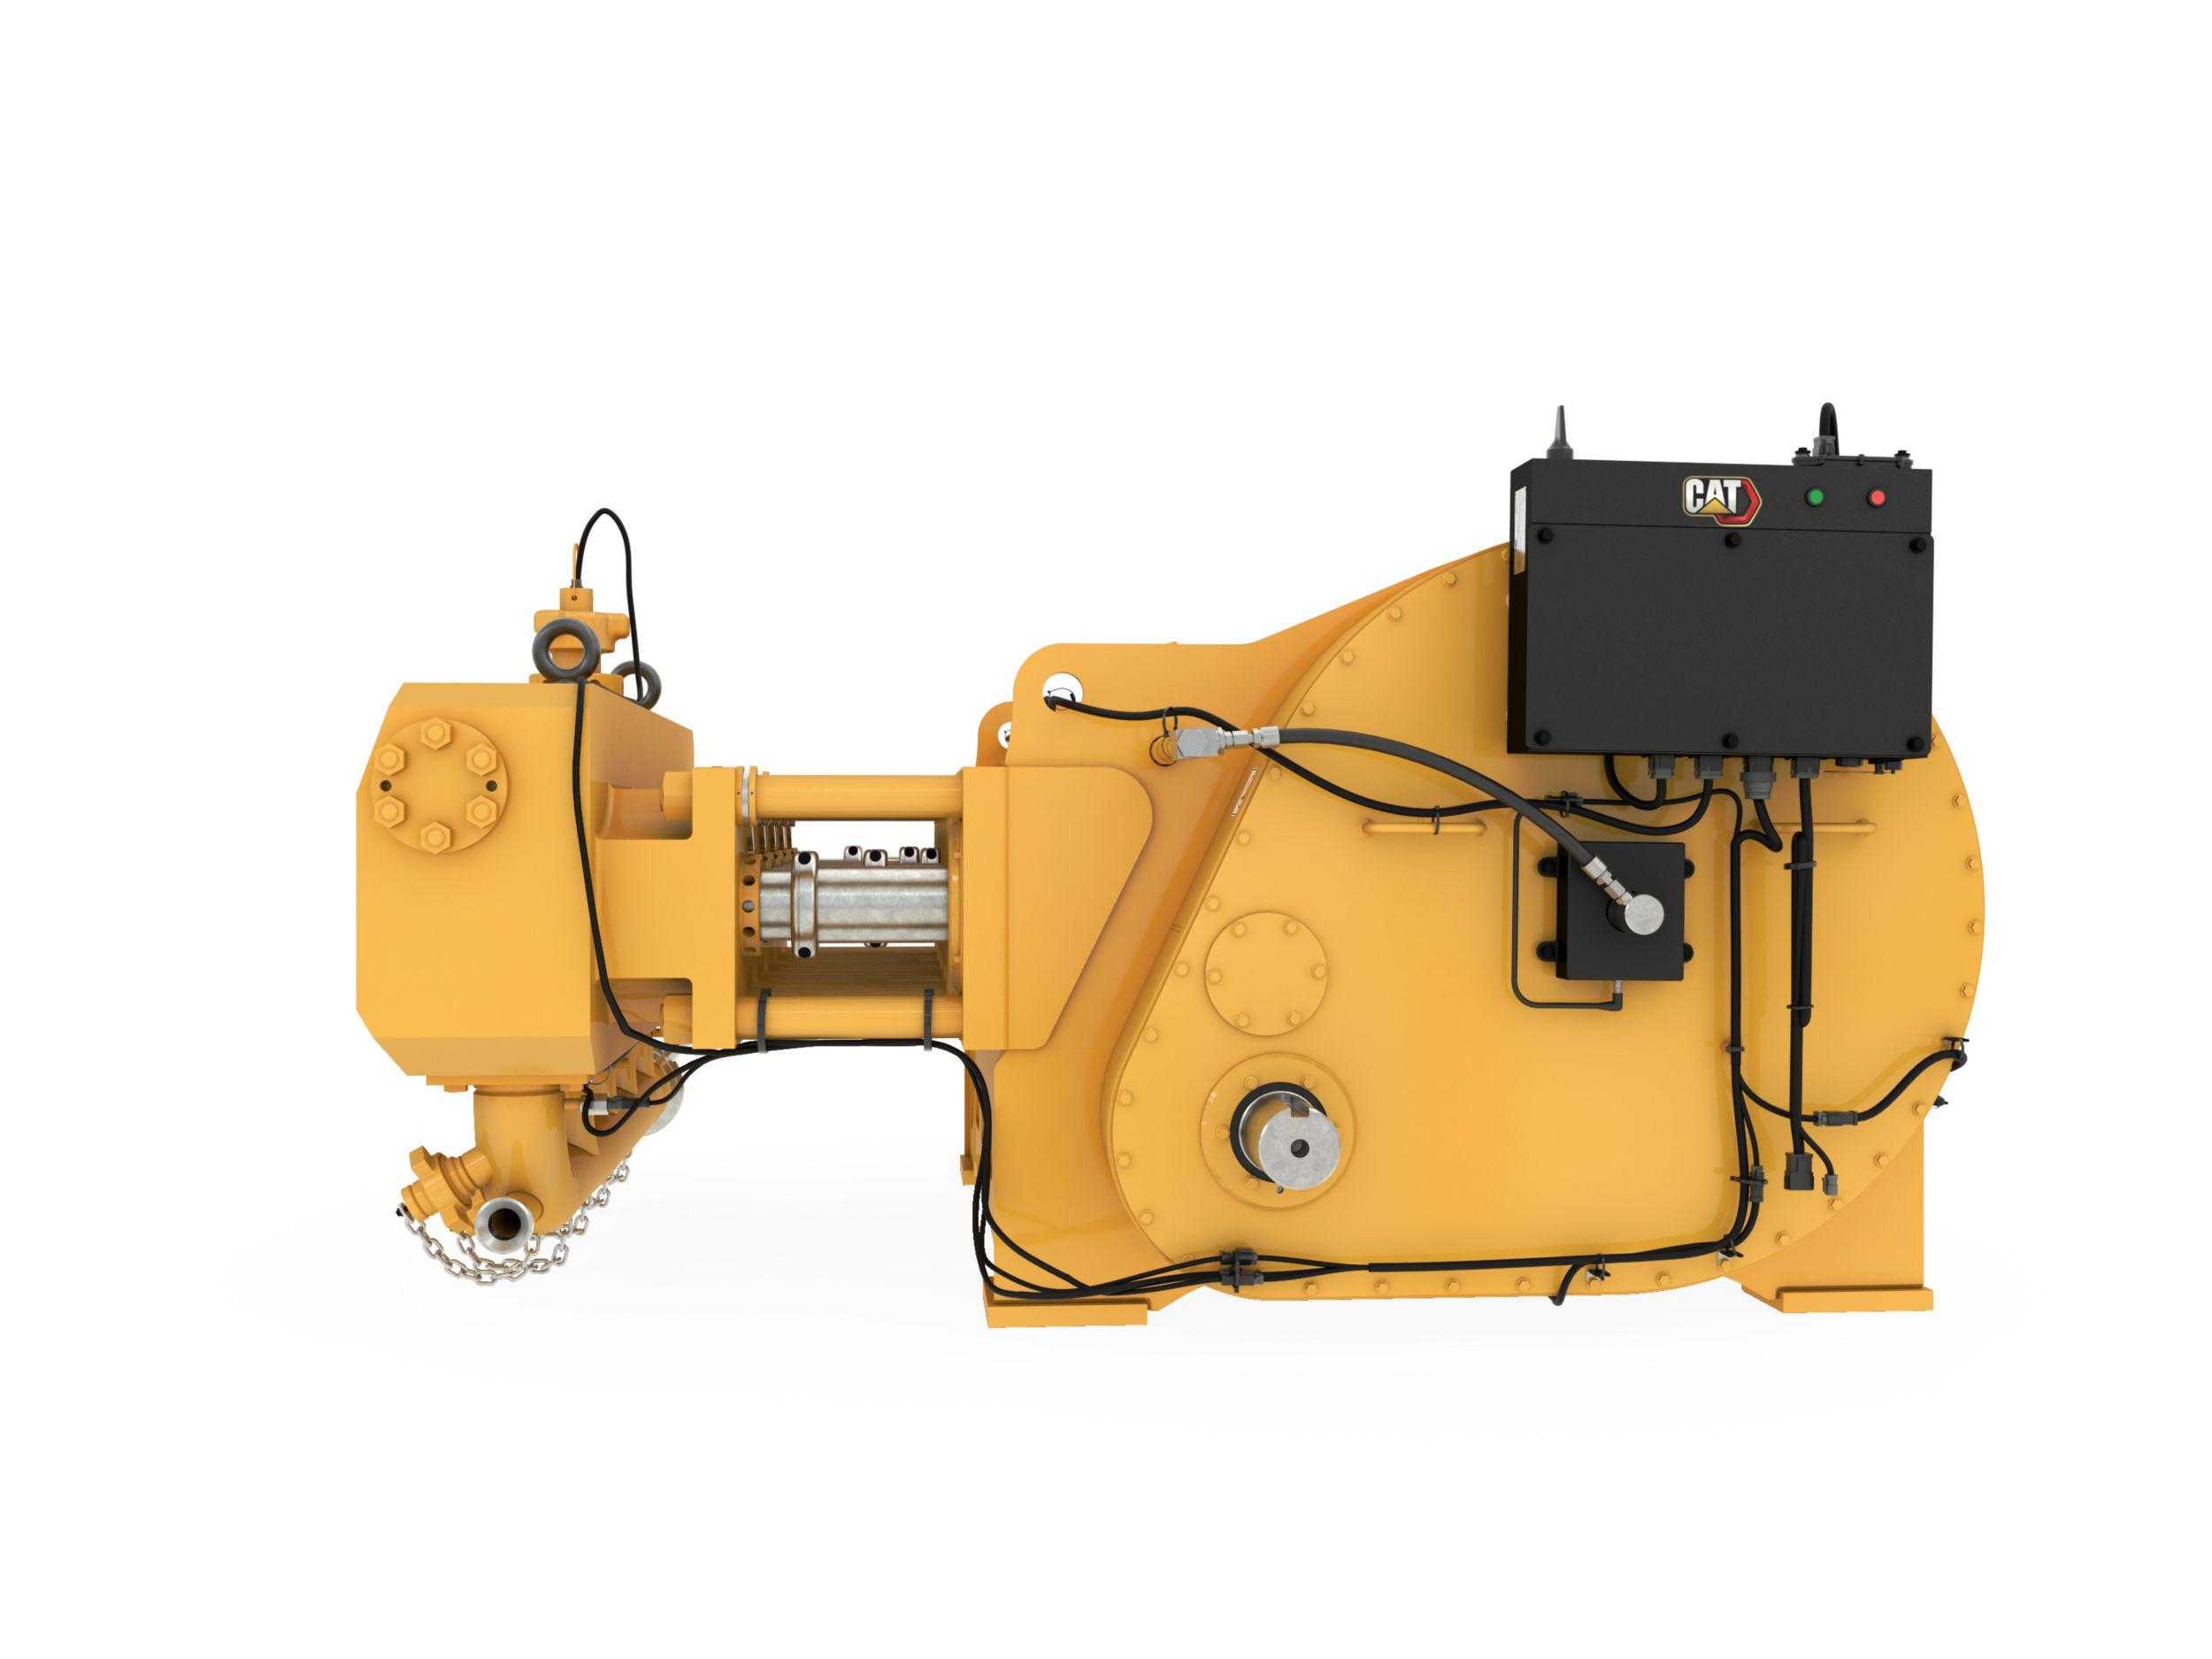 New Caterpillar Well Service Pumps